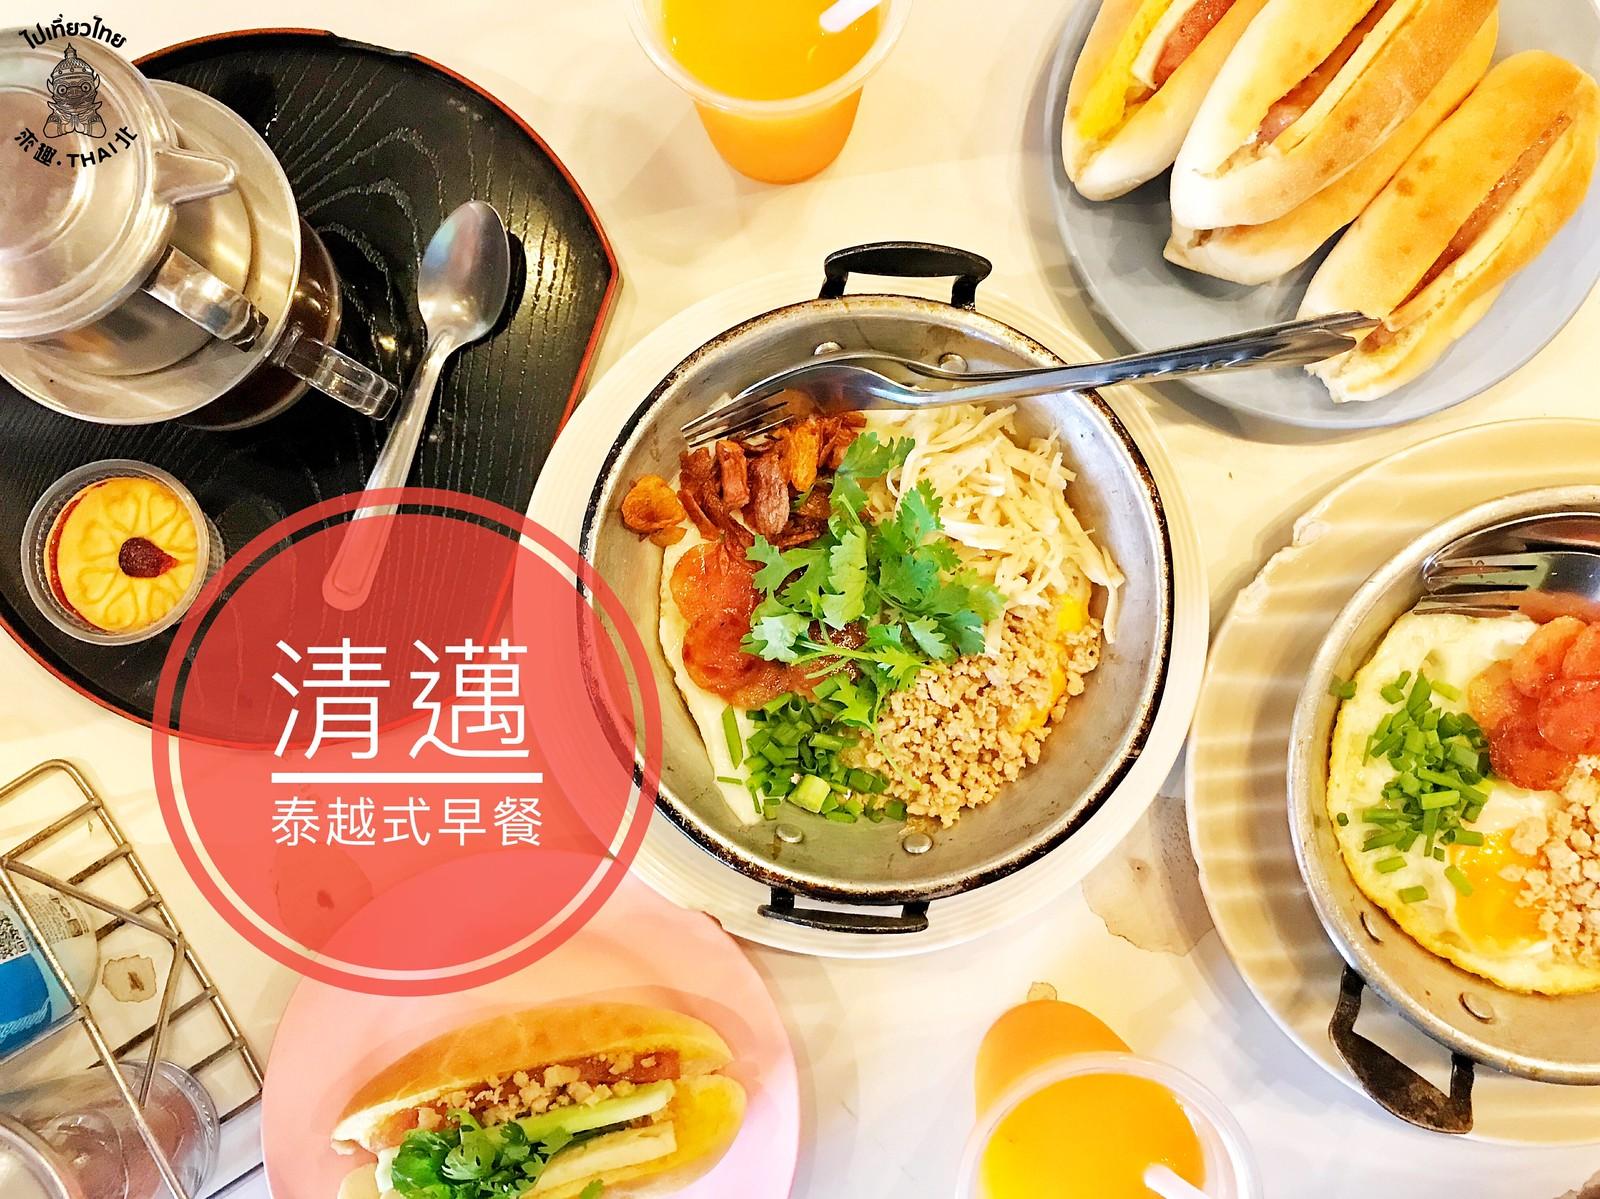 經典泰越式早餐店《ไข่กระทะเลิศรสเชียงใหม่》